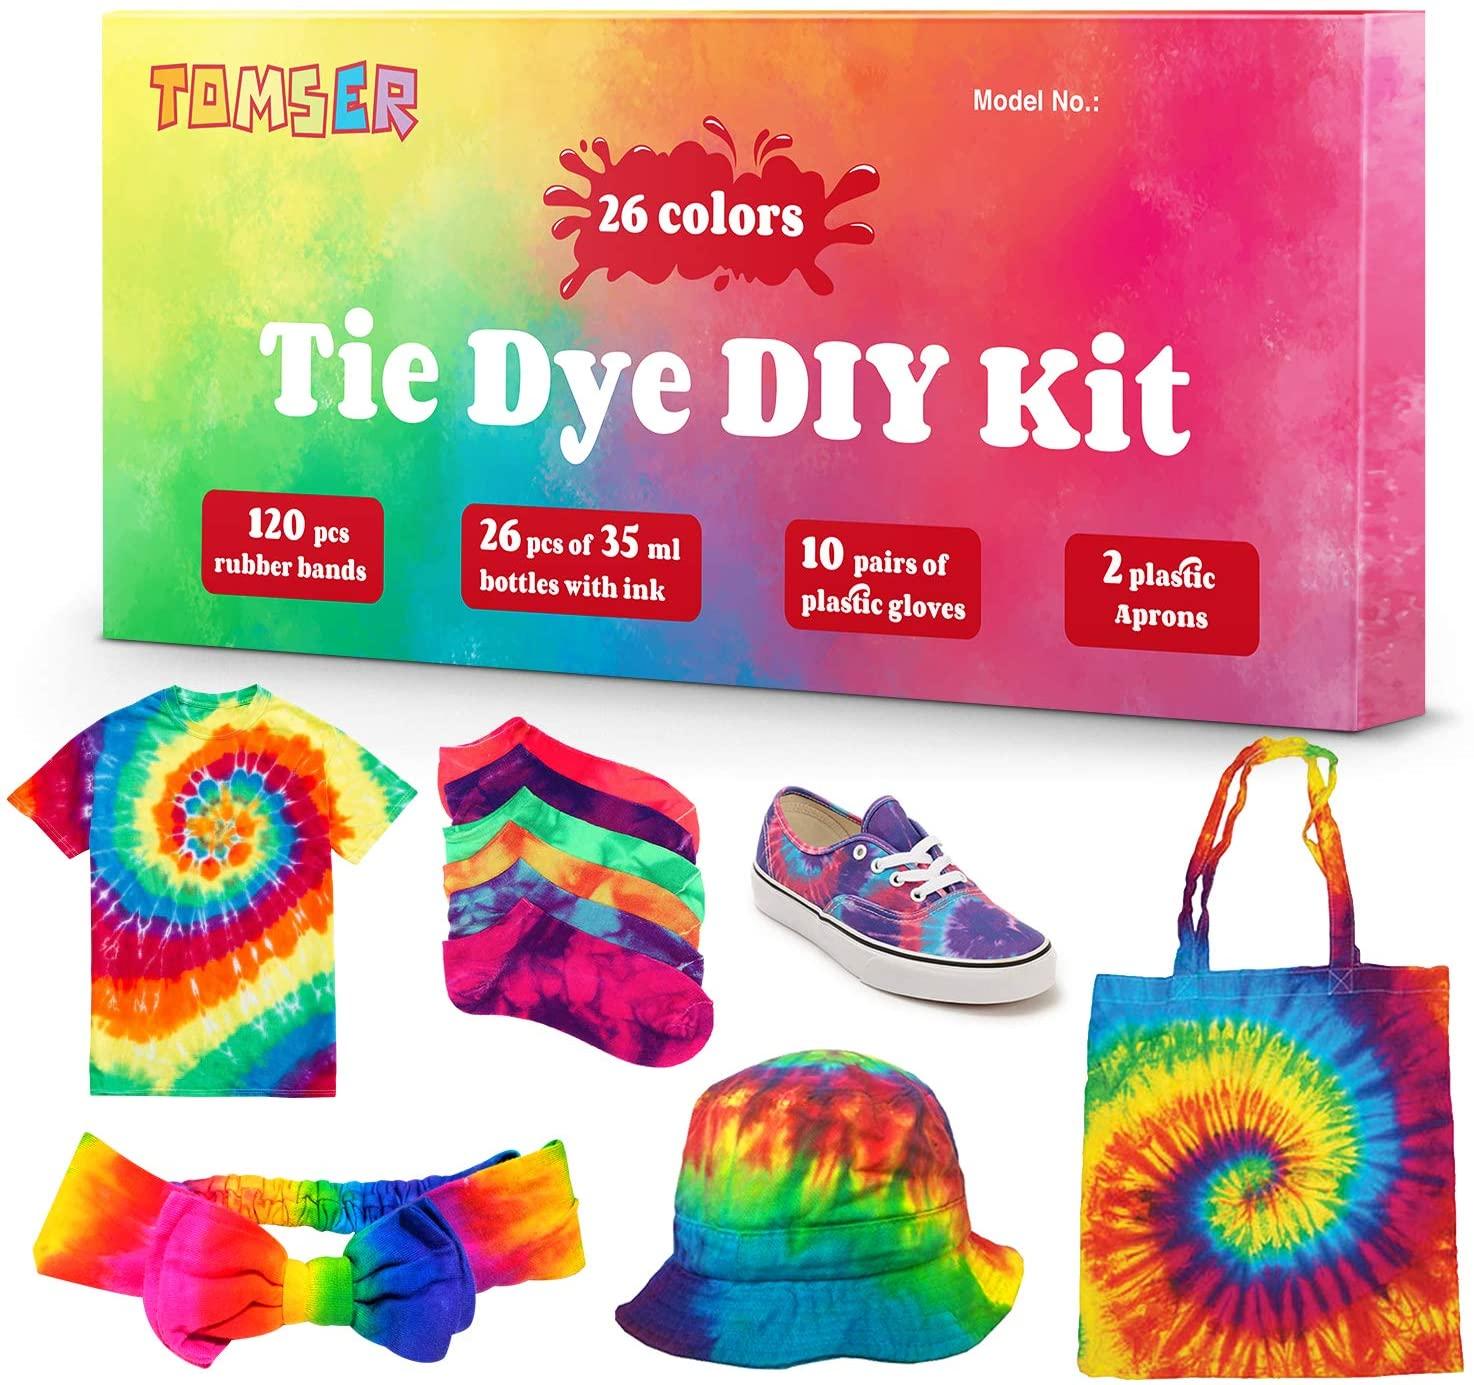 tie dye party kit